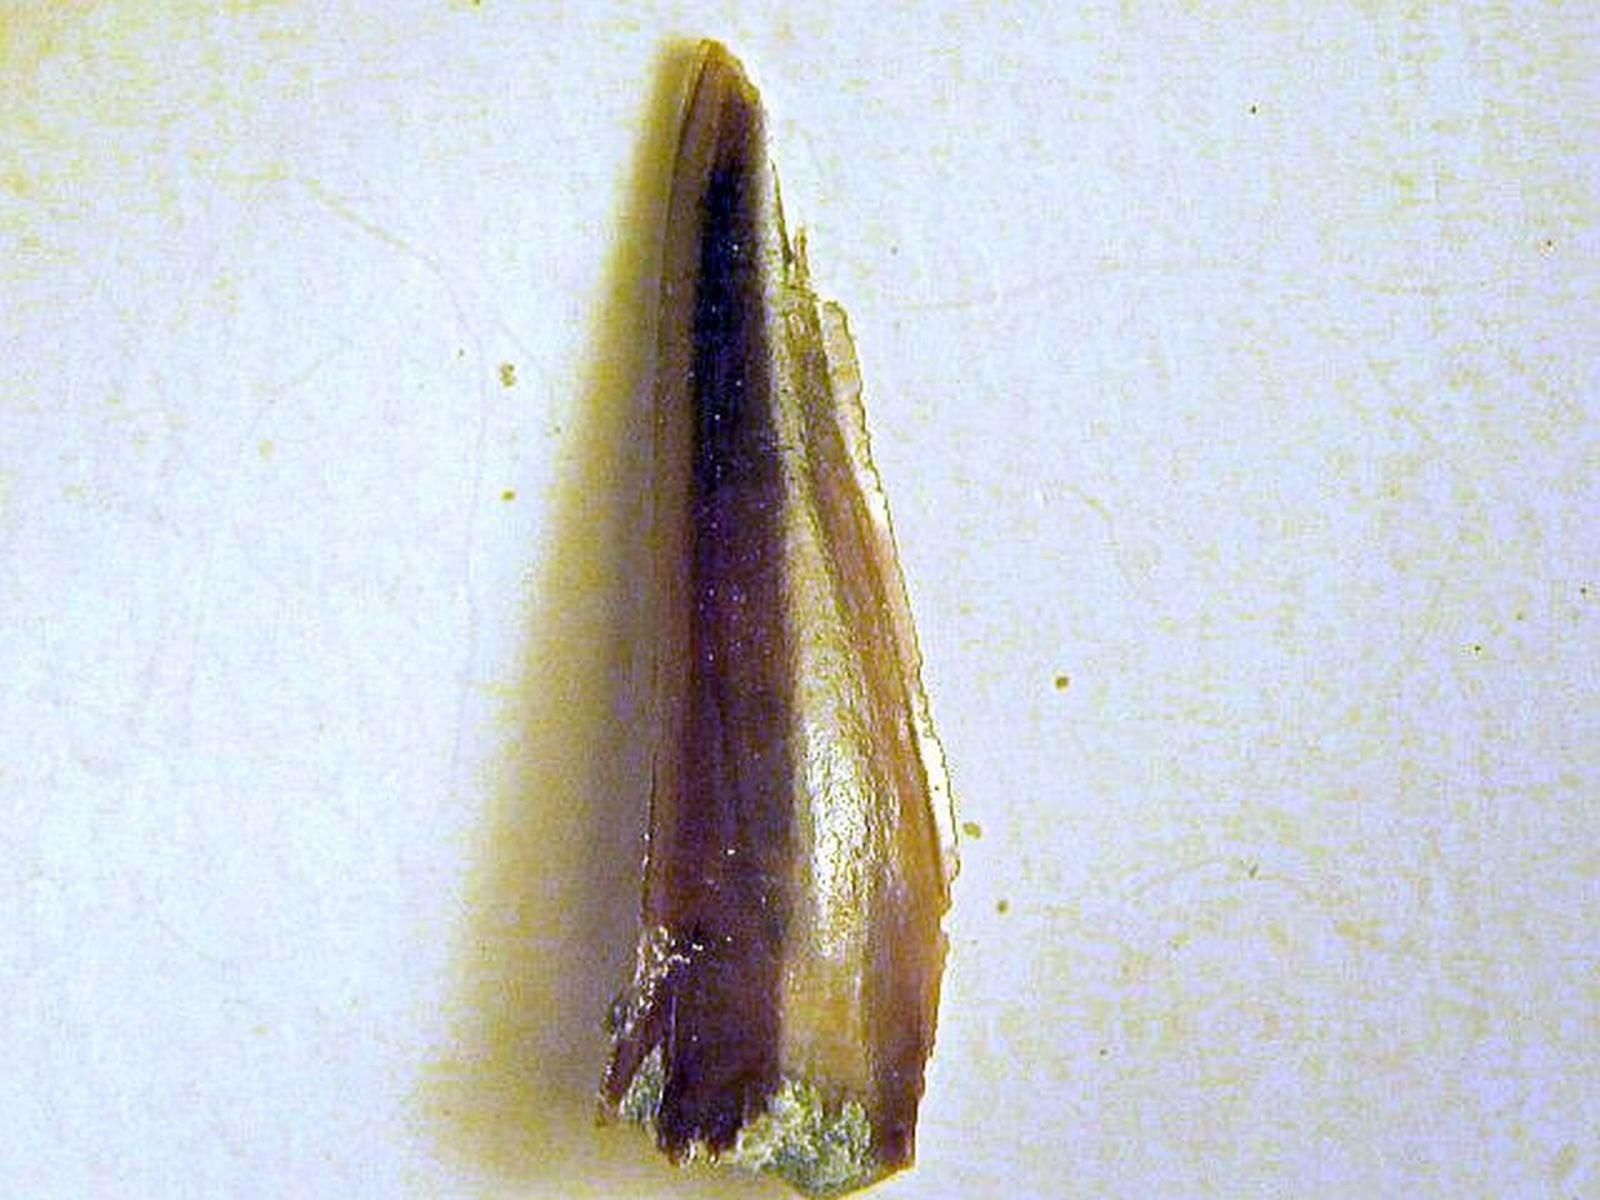 Sphenodus nitidus (Wagner 1862)